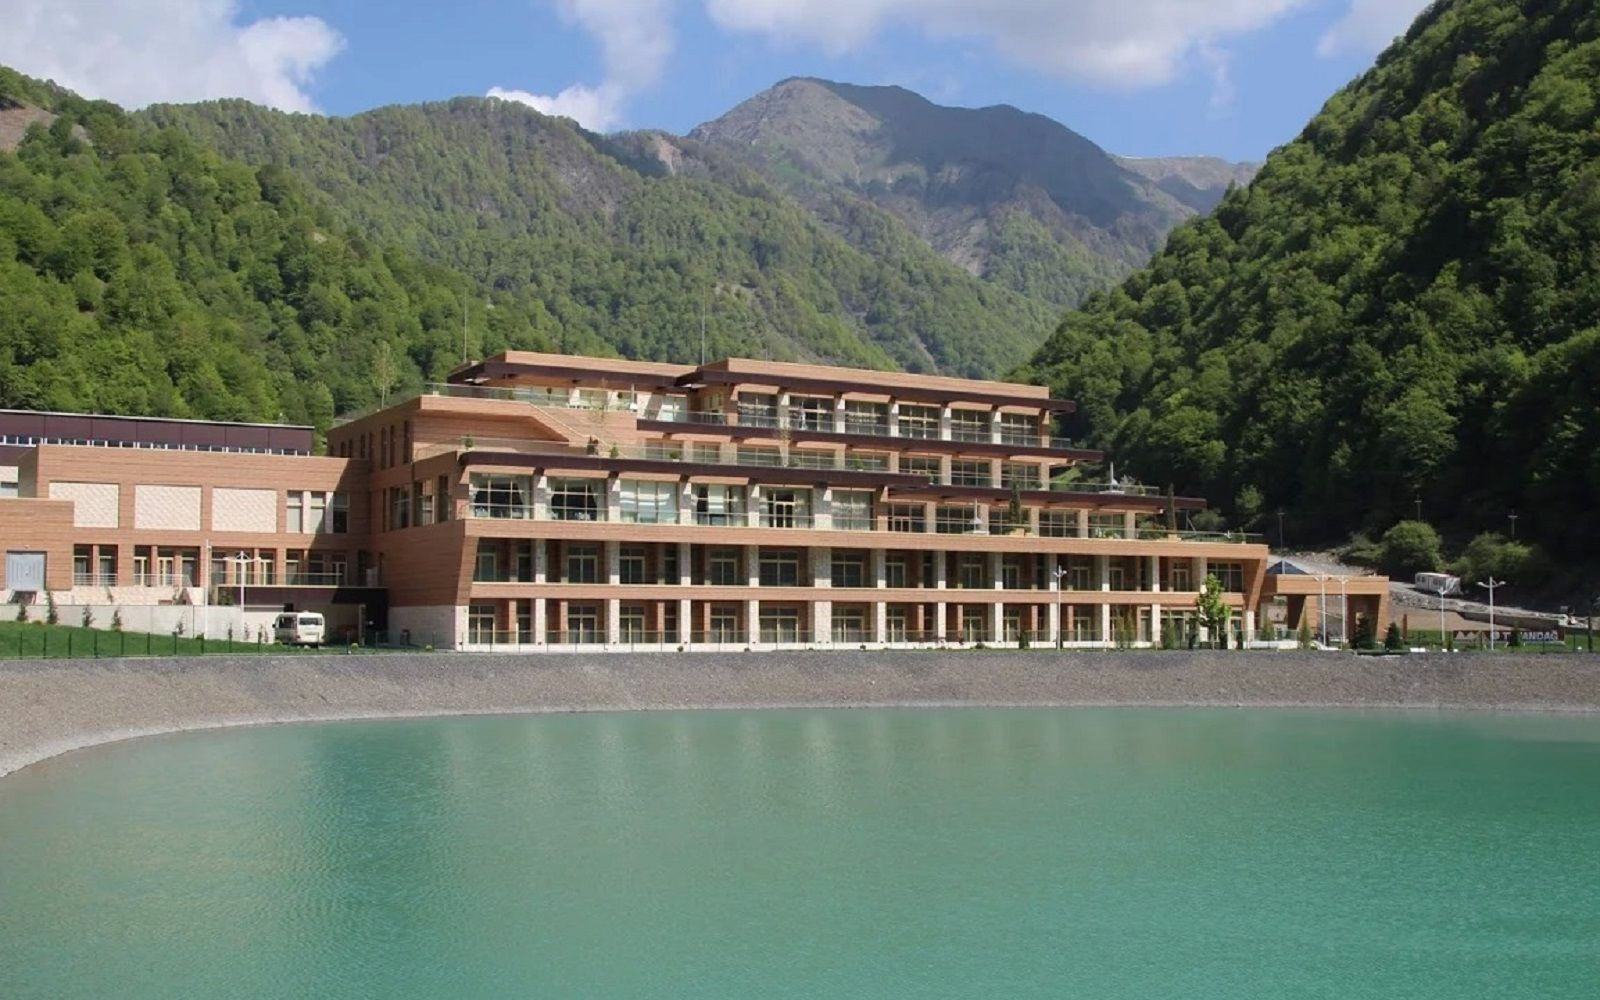 Tufandag Hotel Gabala Azerbaijan فندق توفنداغ غابالا أذربيجان Tufandag Oteli Qəbələ Azərbaycan Mansions House Styles Places To Visit